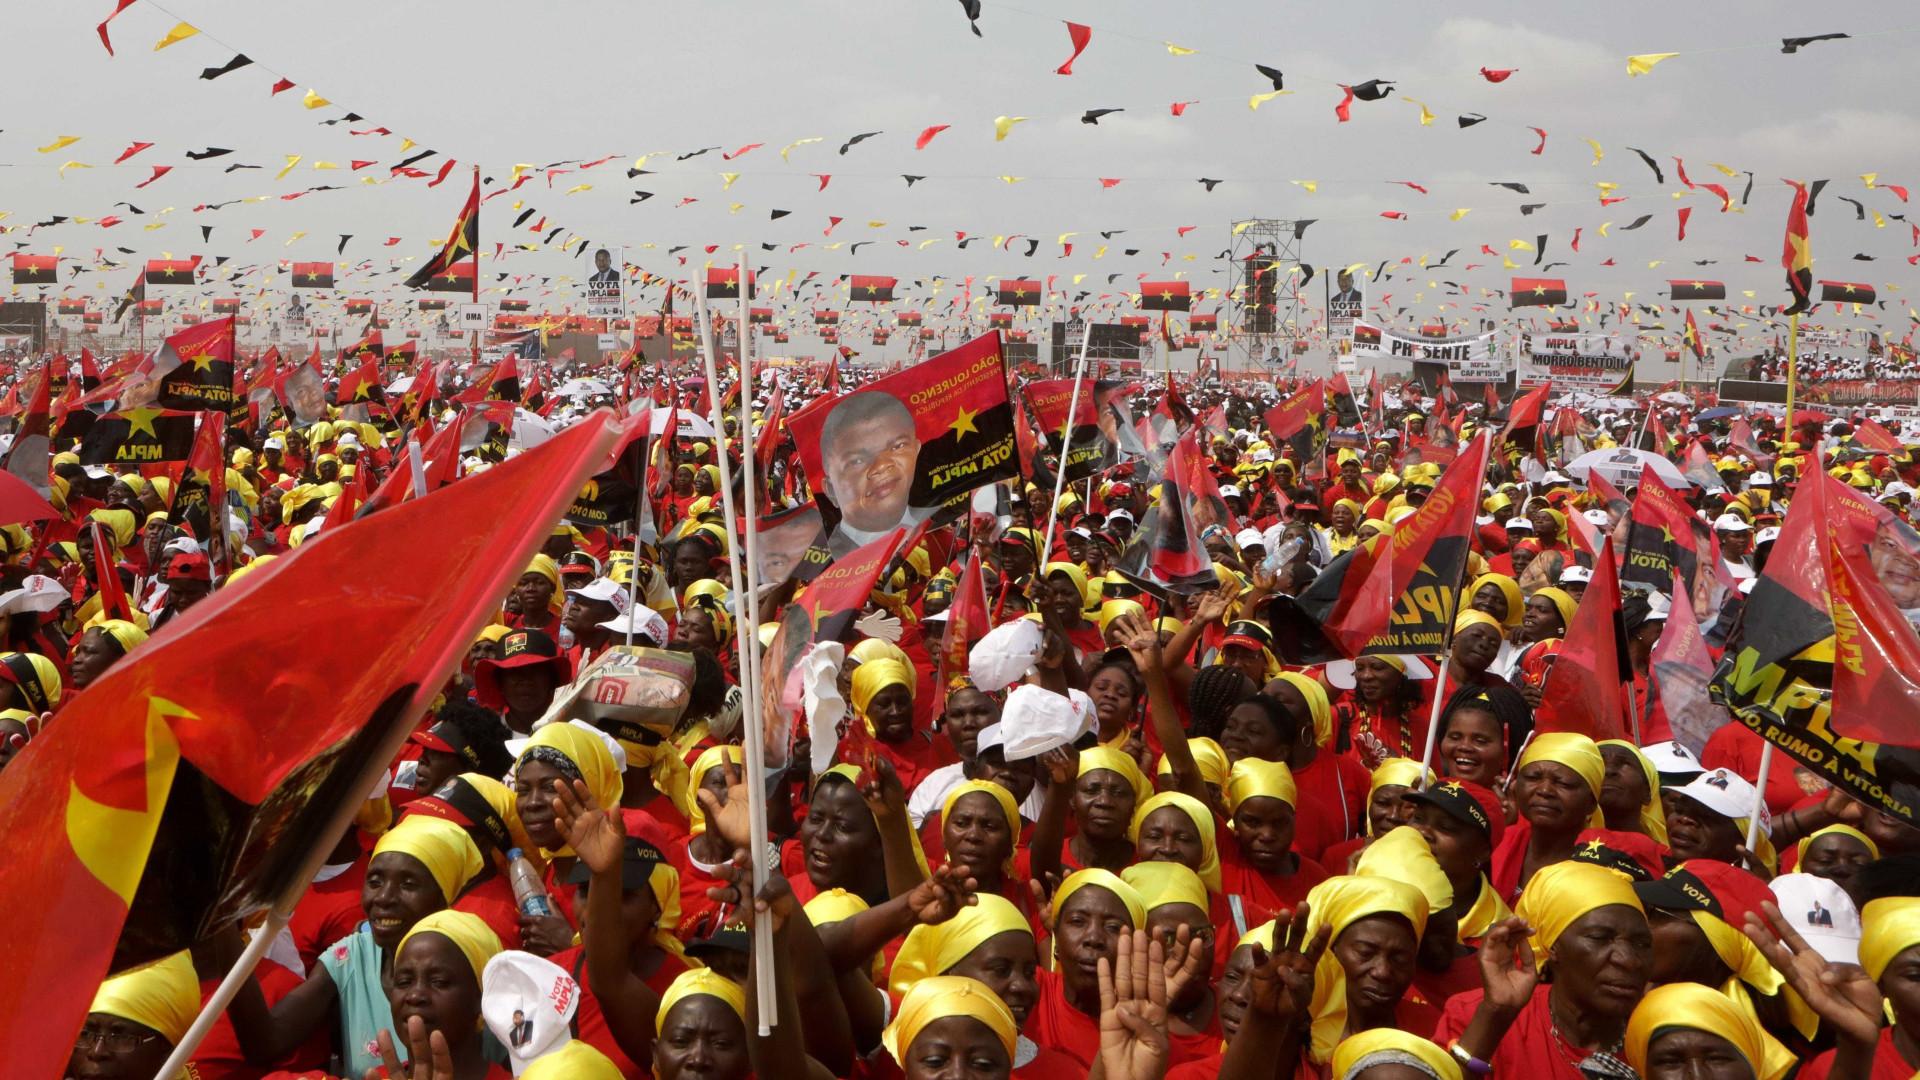 PSD presente com o secretário-geral-adjunto no ato eleitoral em Angola